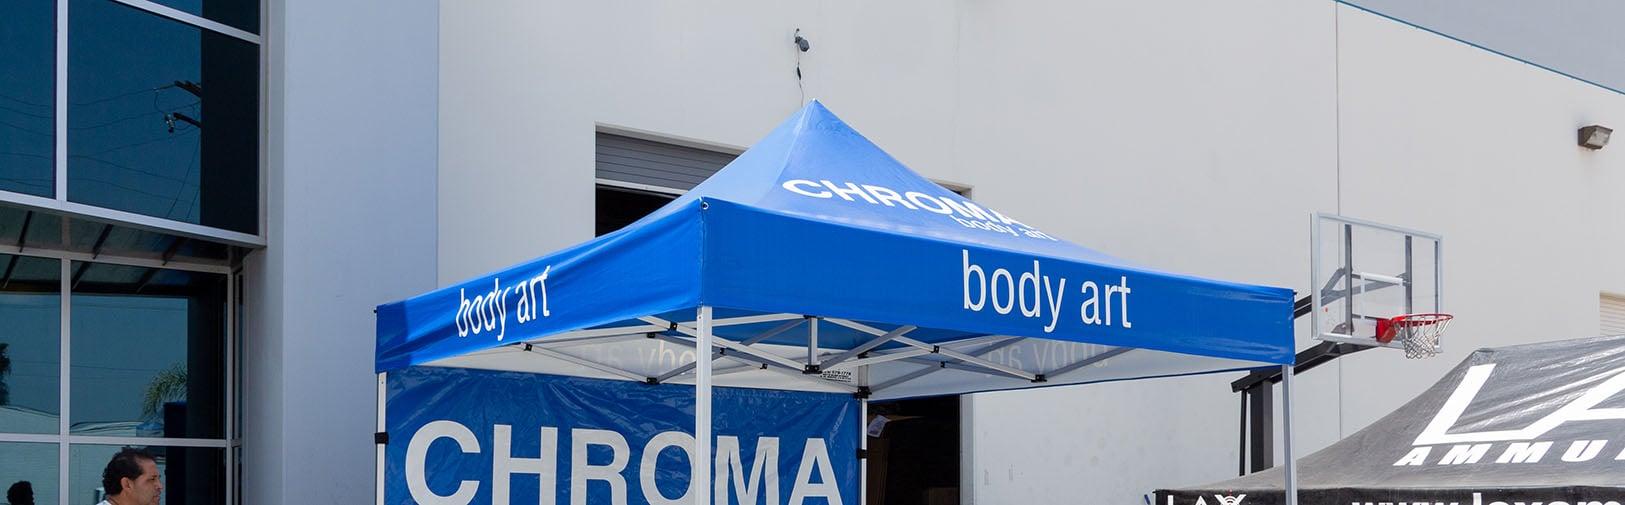 chroma-body-art-header.jpg